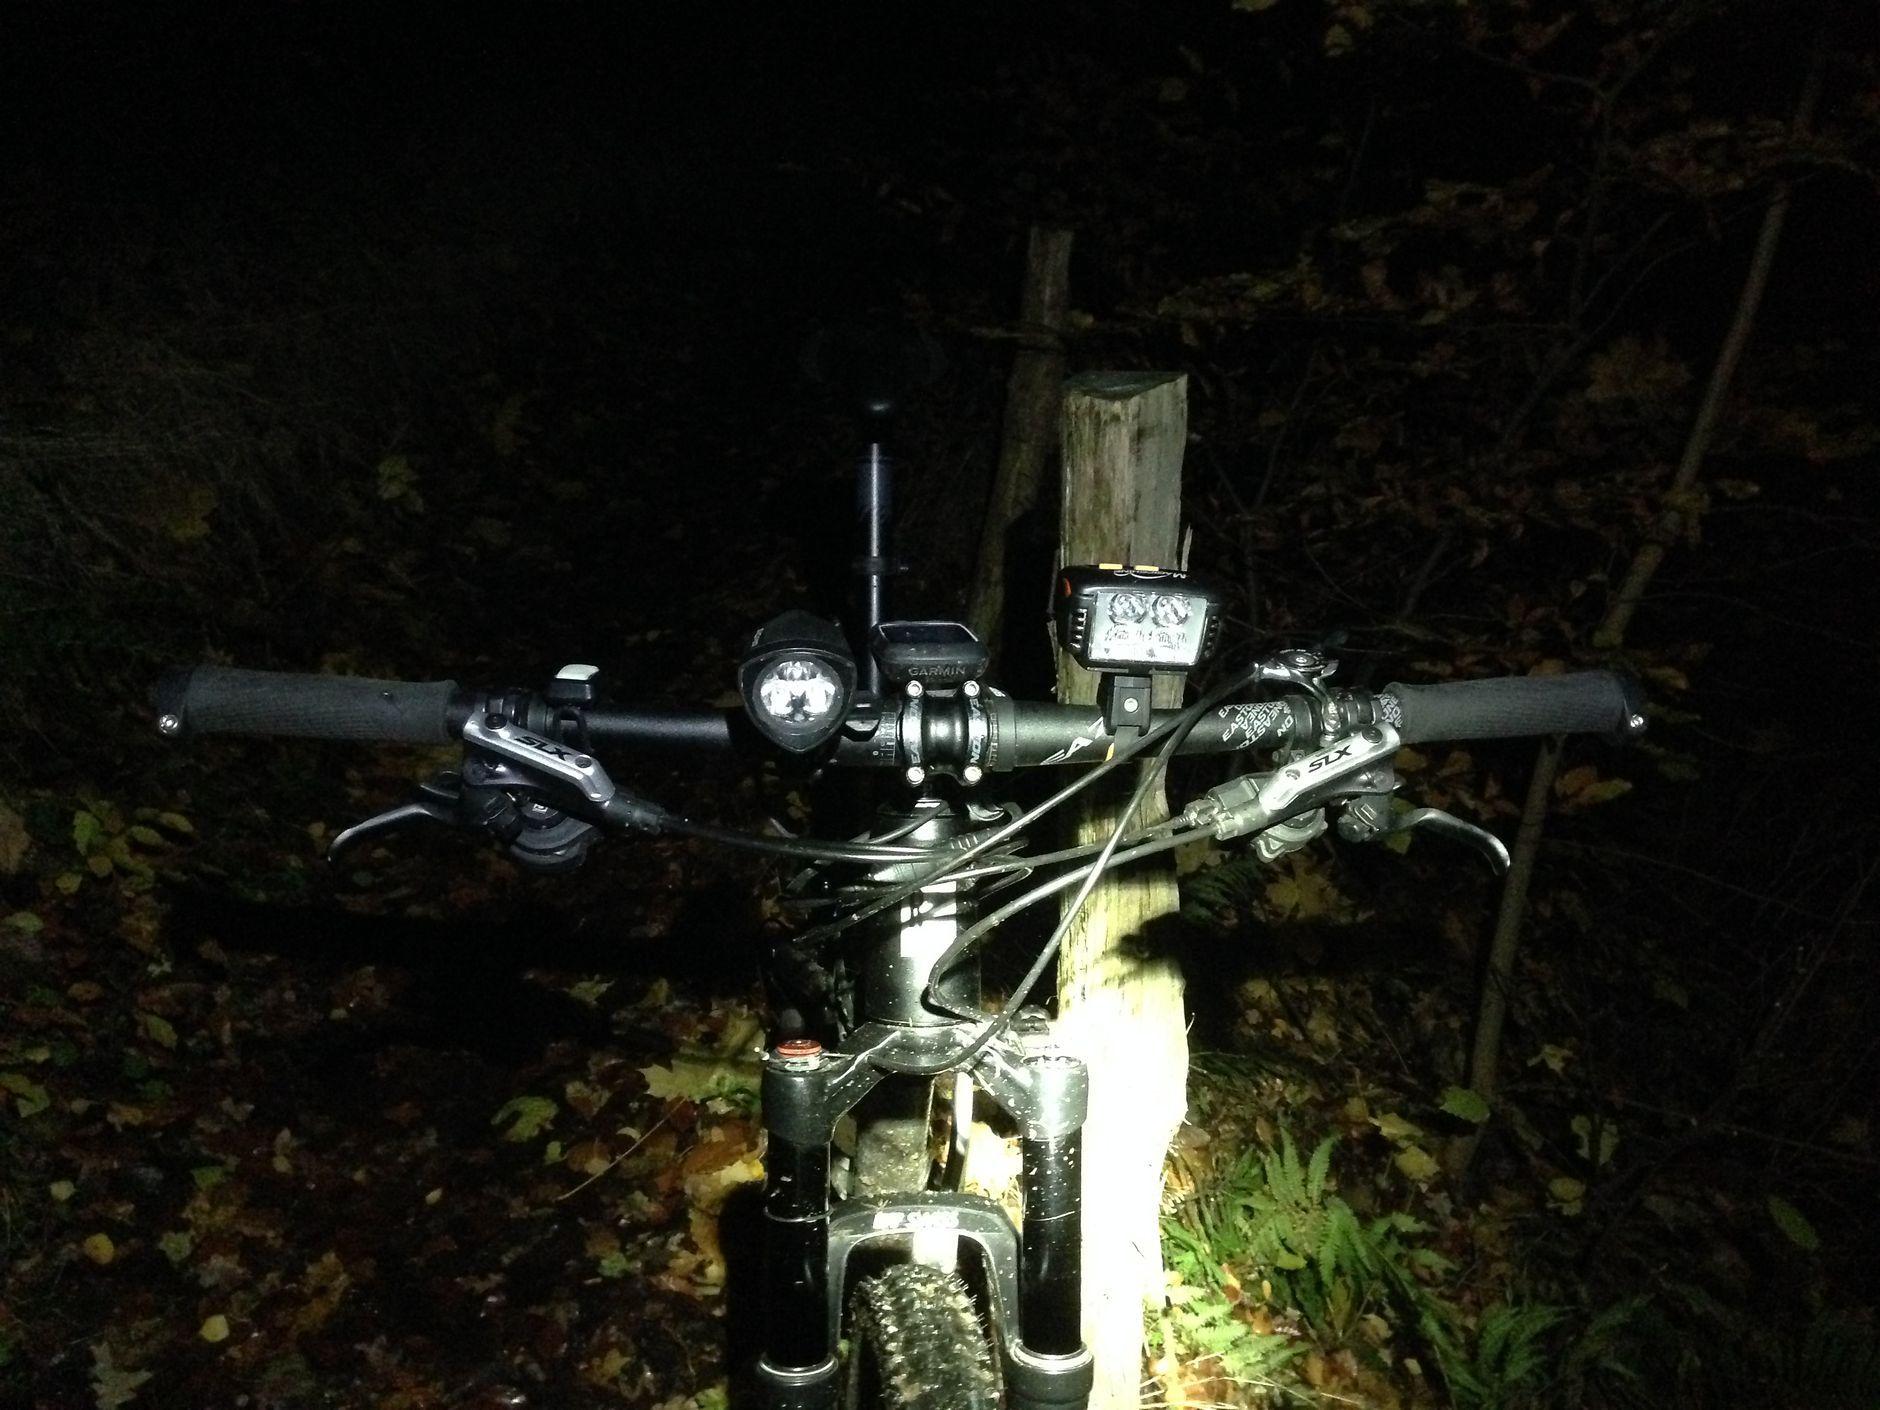 led headlight for bike